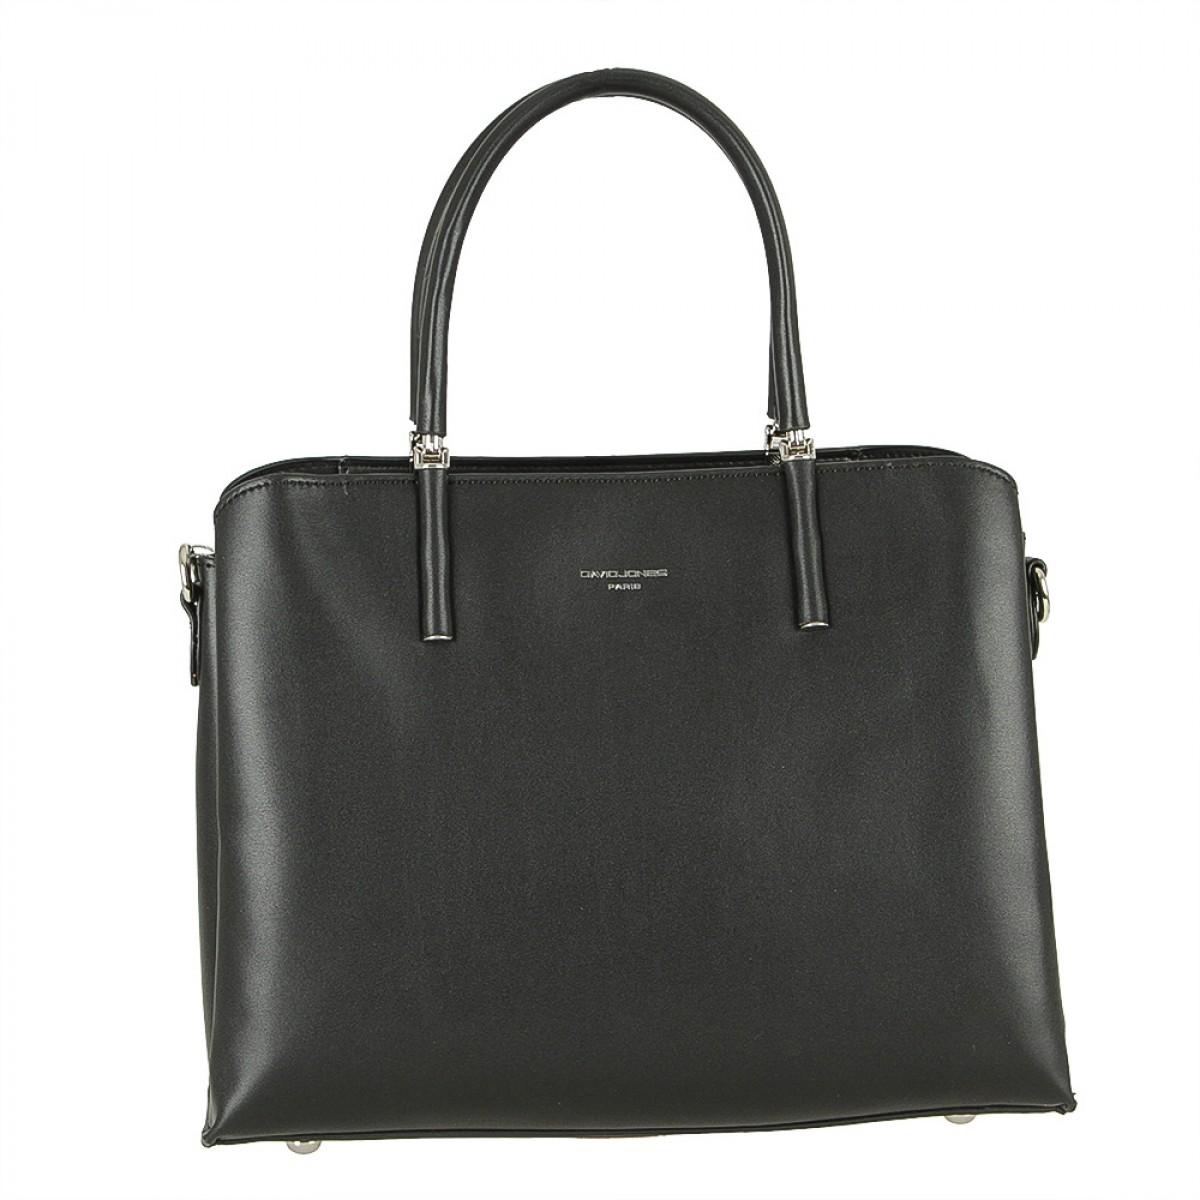 Жіноча сумка David Jones CM5631 BLACK